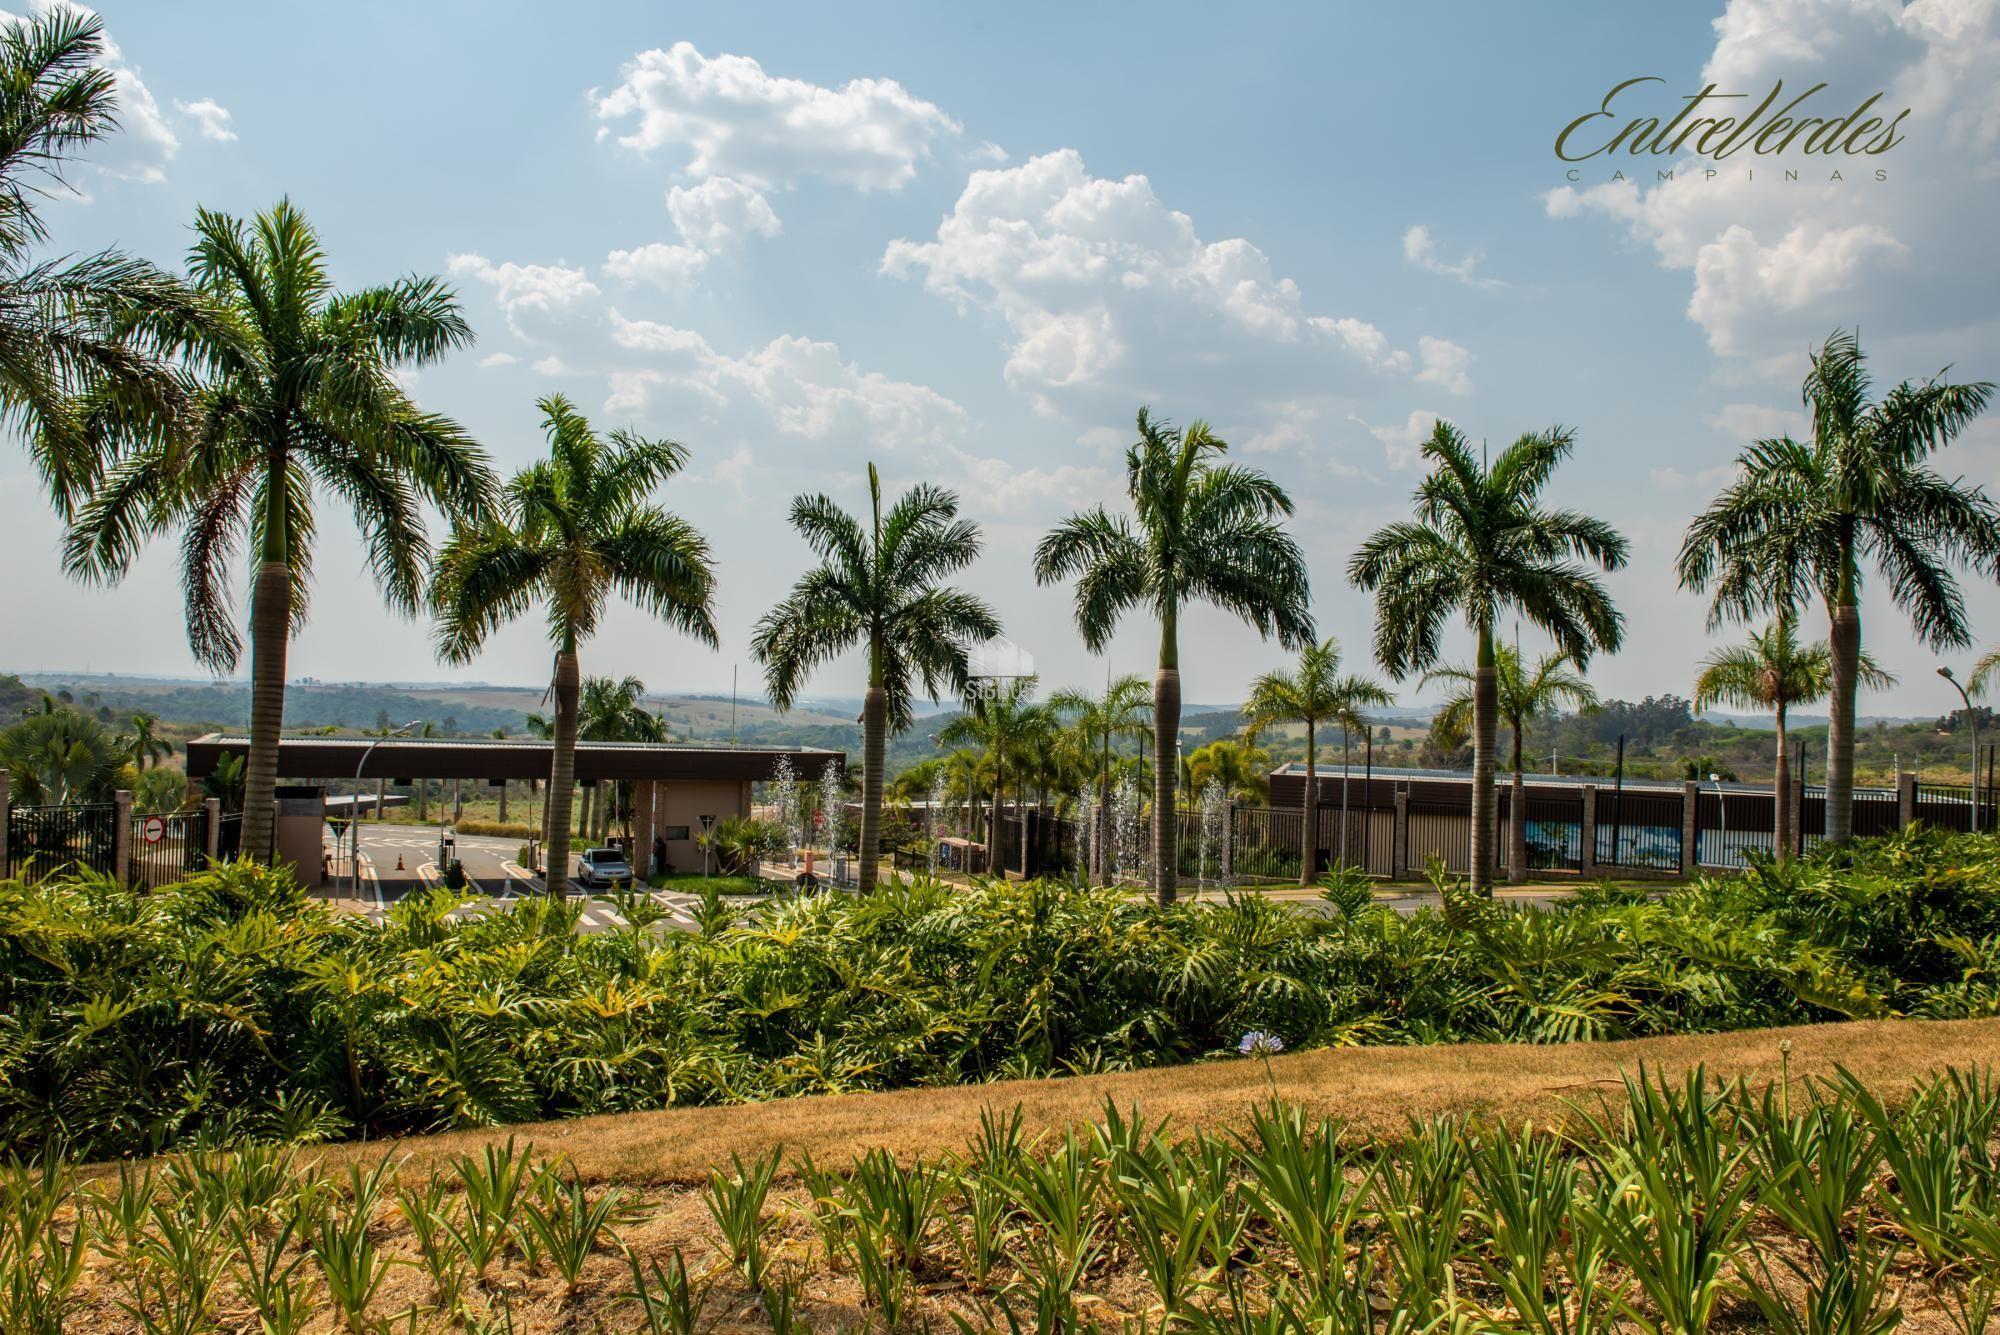 Terreno/Lote à venda  no Loteamento Residencial Entre Verdes,(Sousas) - Campinas, SP. Imóveis